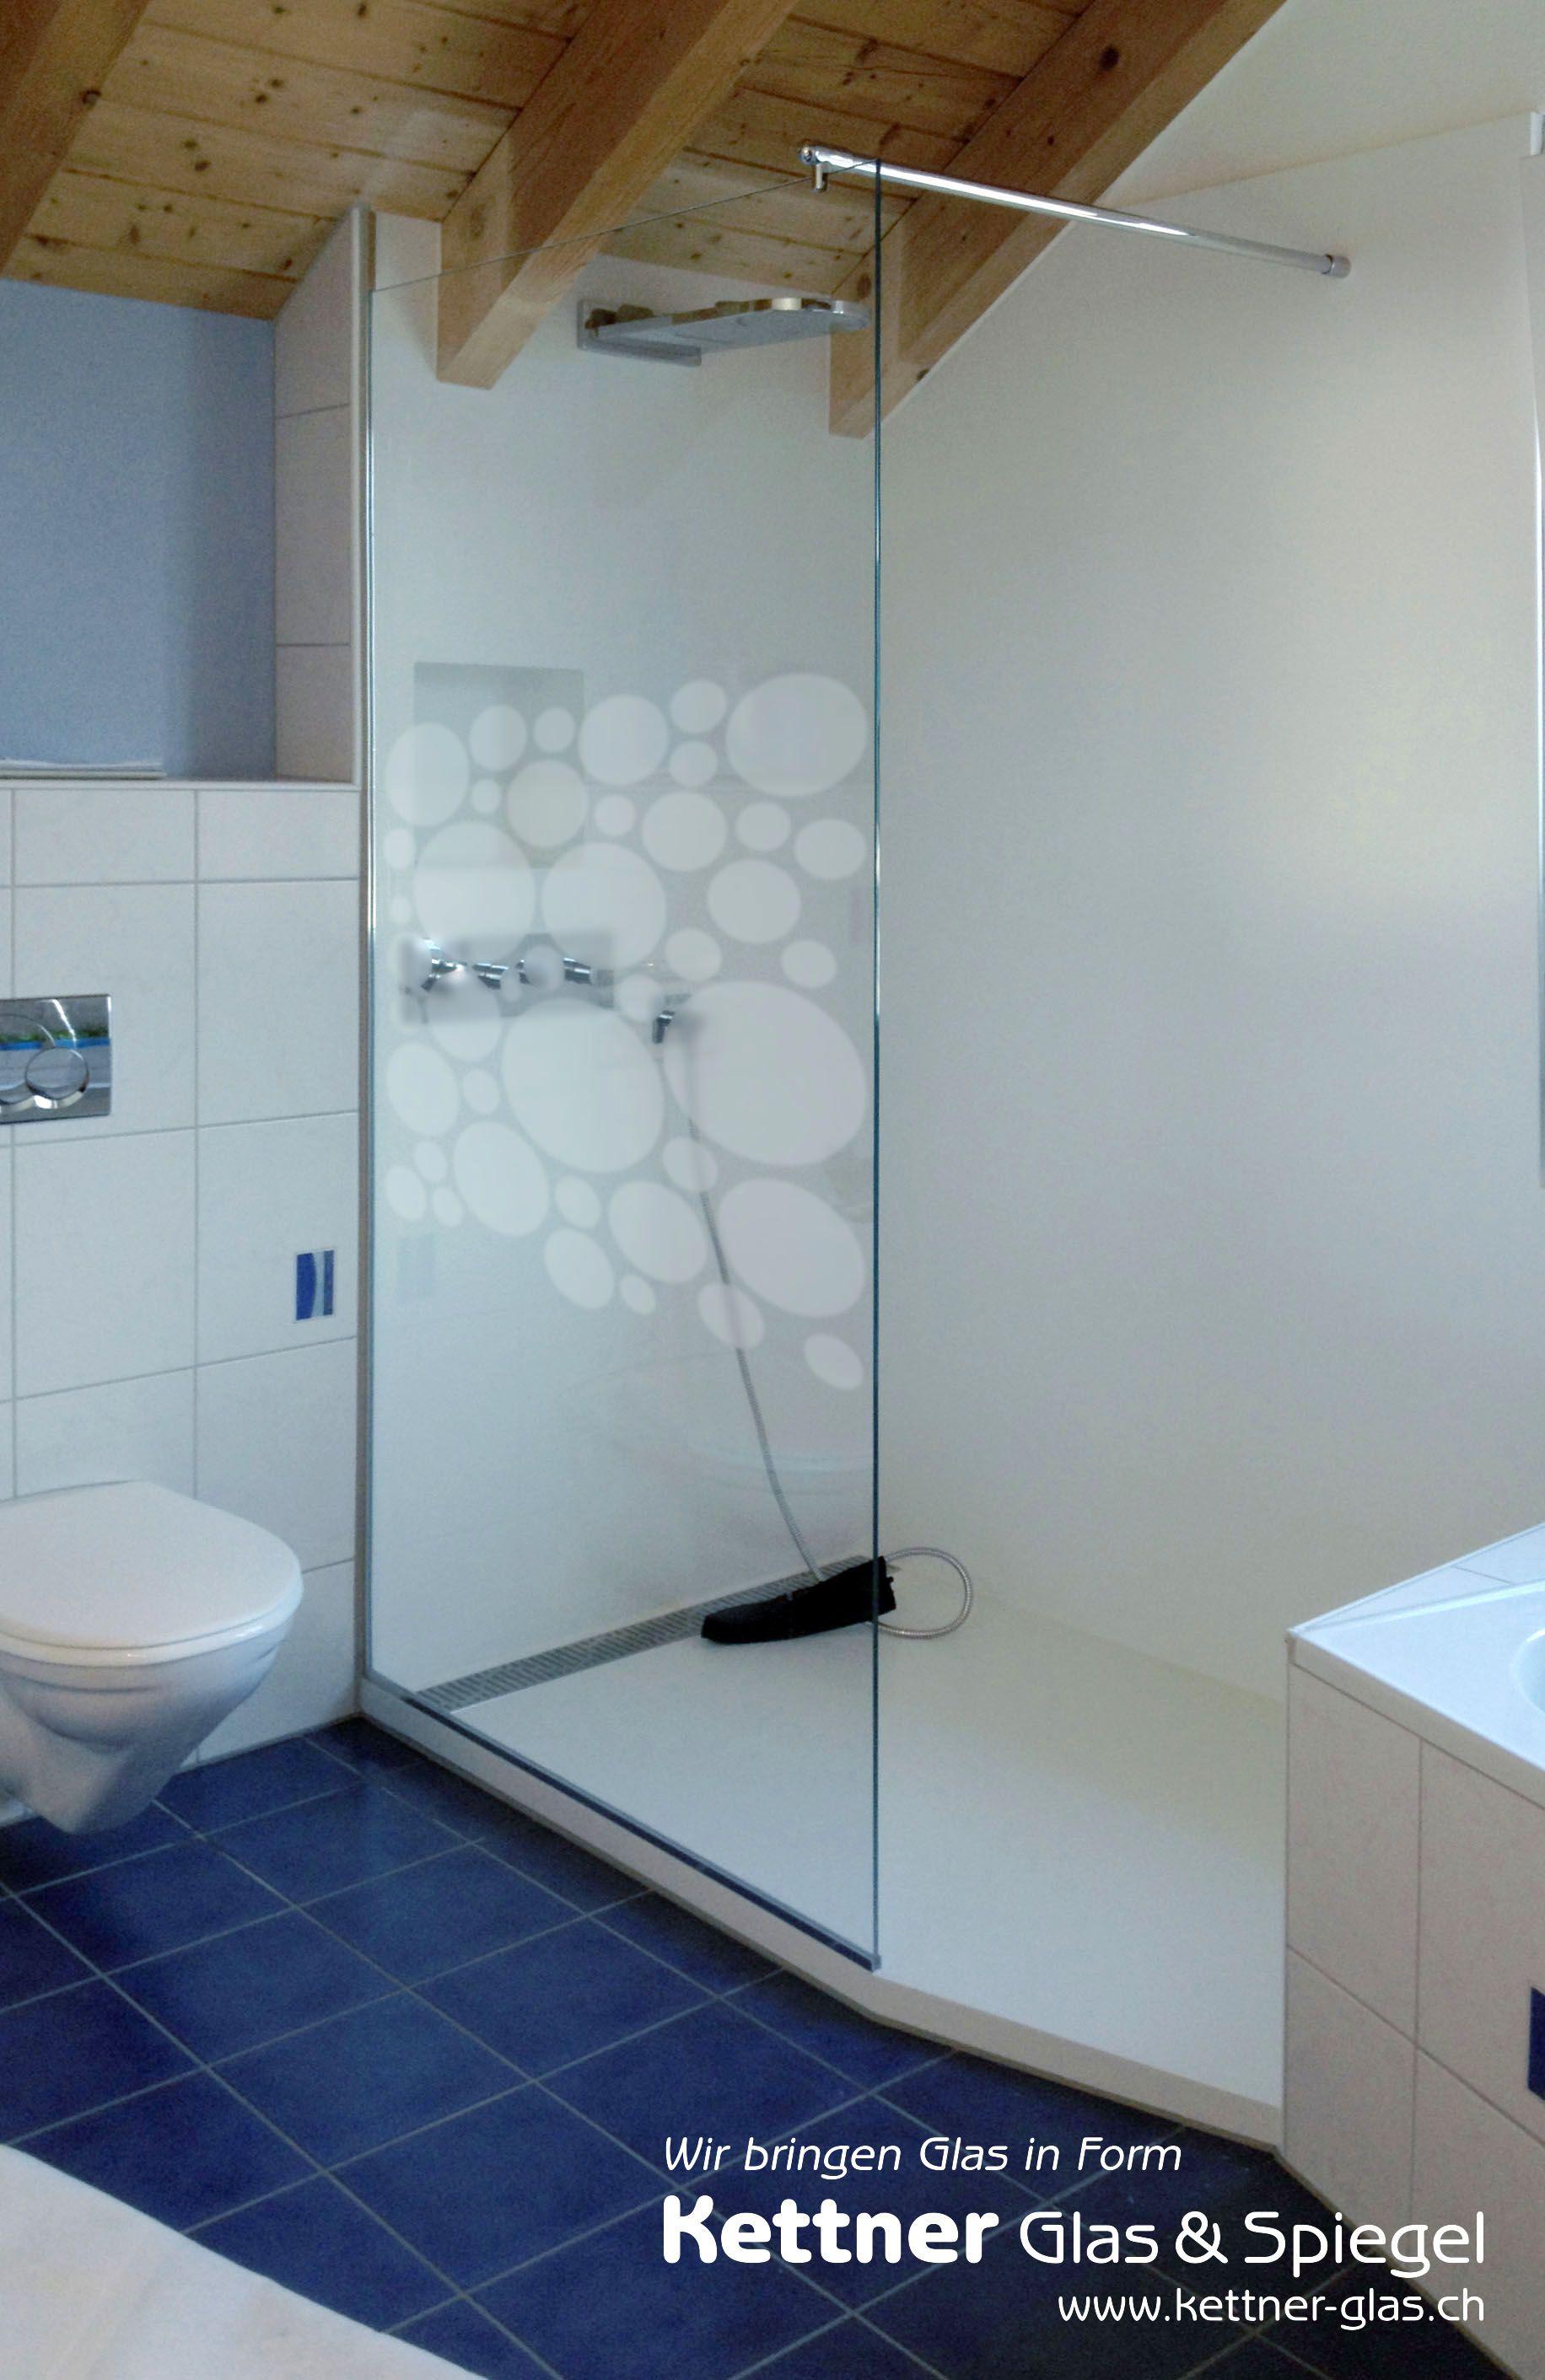 Corian Dusche Mit Individueller Motivatzung Auf Glastrennwand Der Glasabschluss Bei Diesem Badumbau Wurde In Extraweis Glastrennwand Duschwand Badezimmer